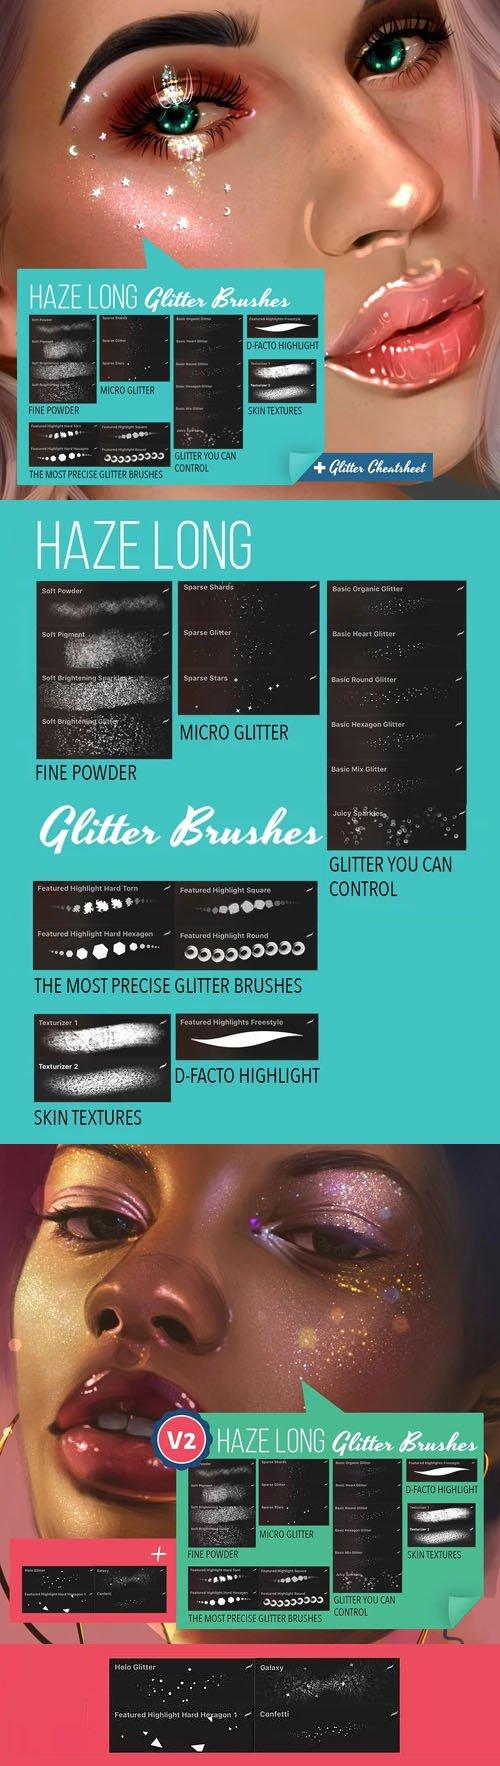 24 Haze Long Glitter Brushes for Procreate